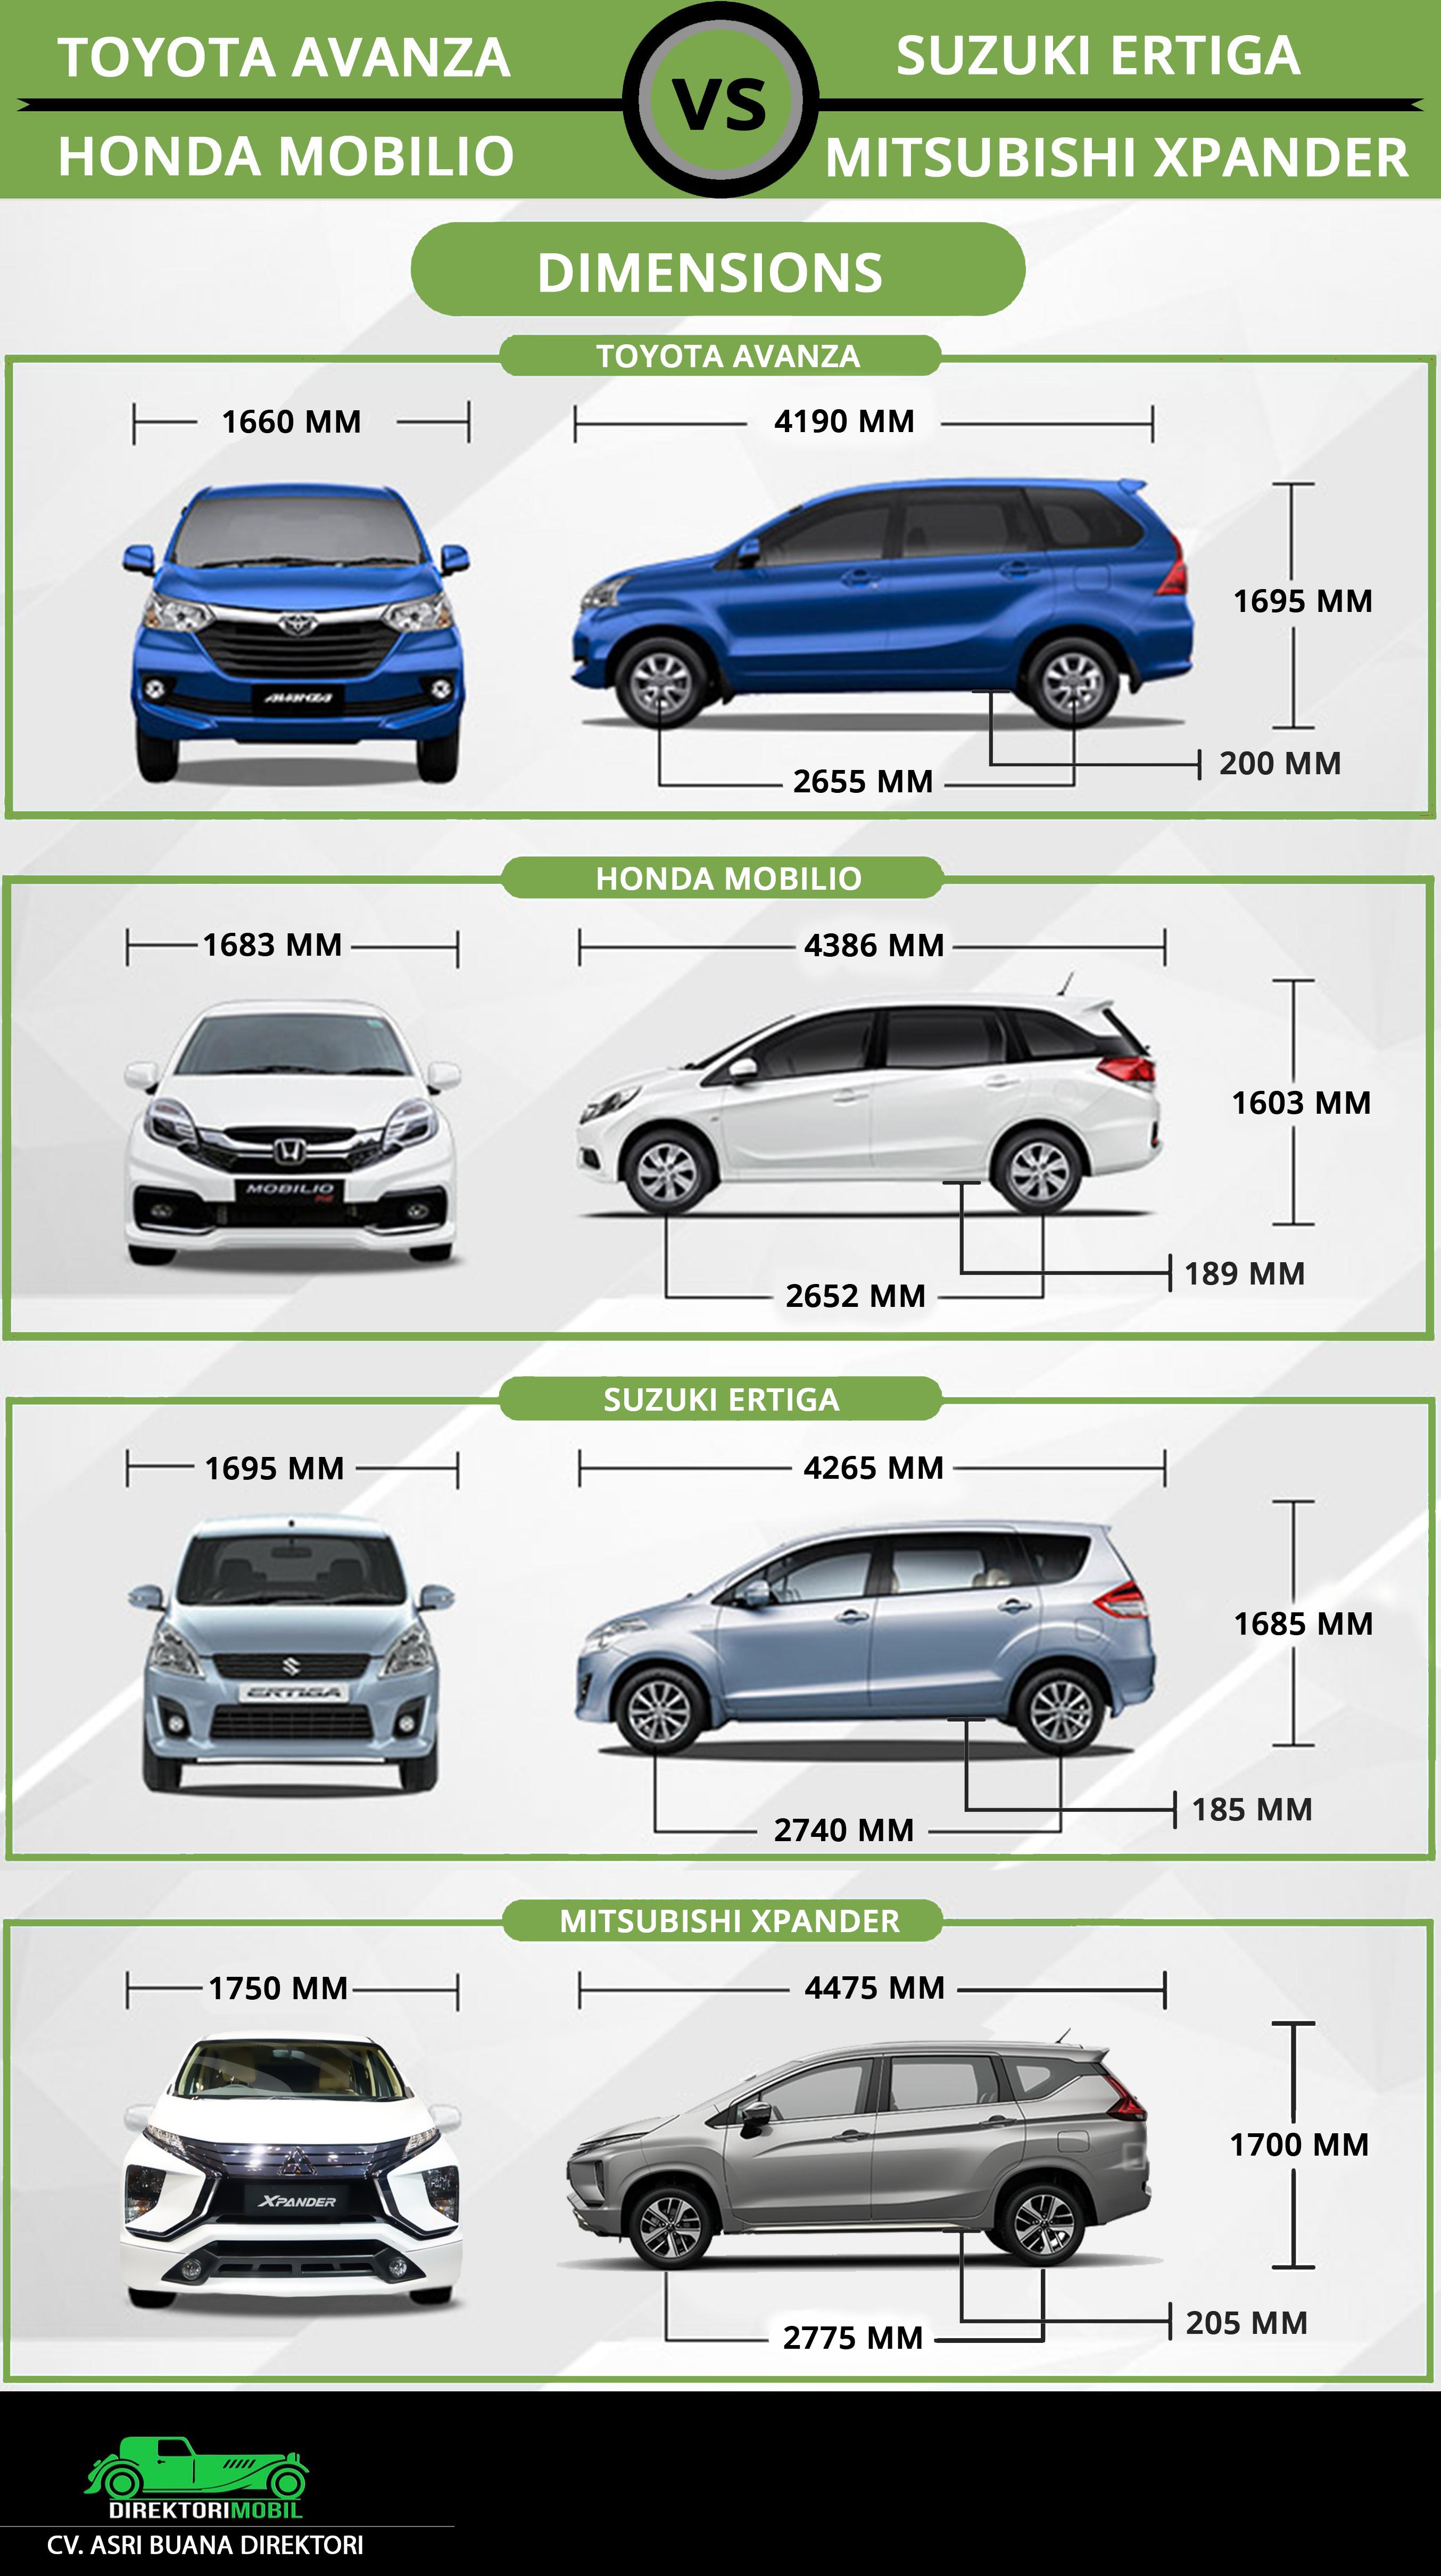 Xpander Vs Grand New Avanza Brand Toyota Alphard Komparasi Suzuki Ertigas Honda Mobilio Dan Mitsubishi Dari Segi Dimensi